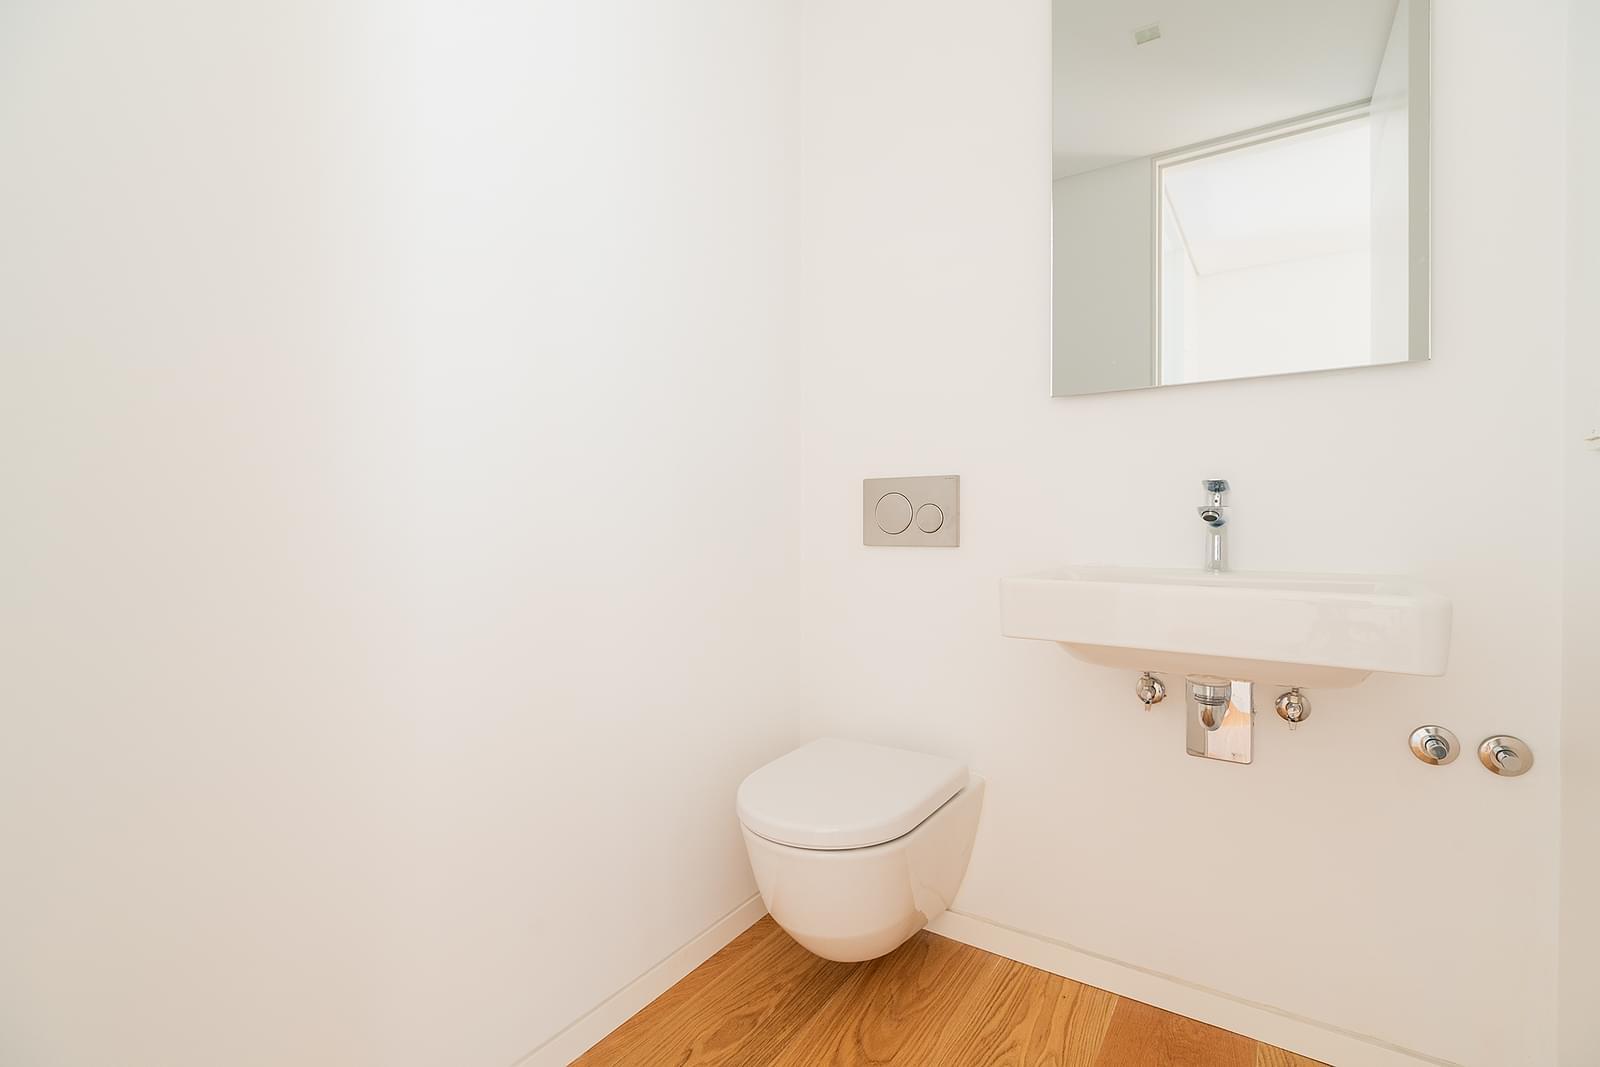 pf18713-apartamento-t3-lisboa-9117551d-0110-4c8d-85e8-1365cc40df3f